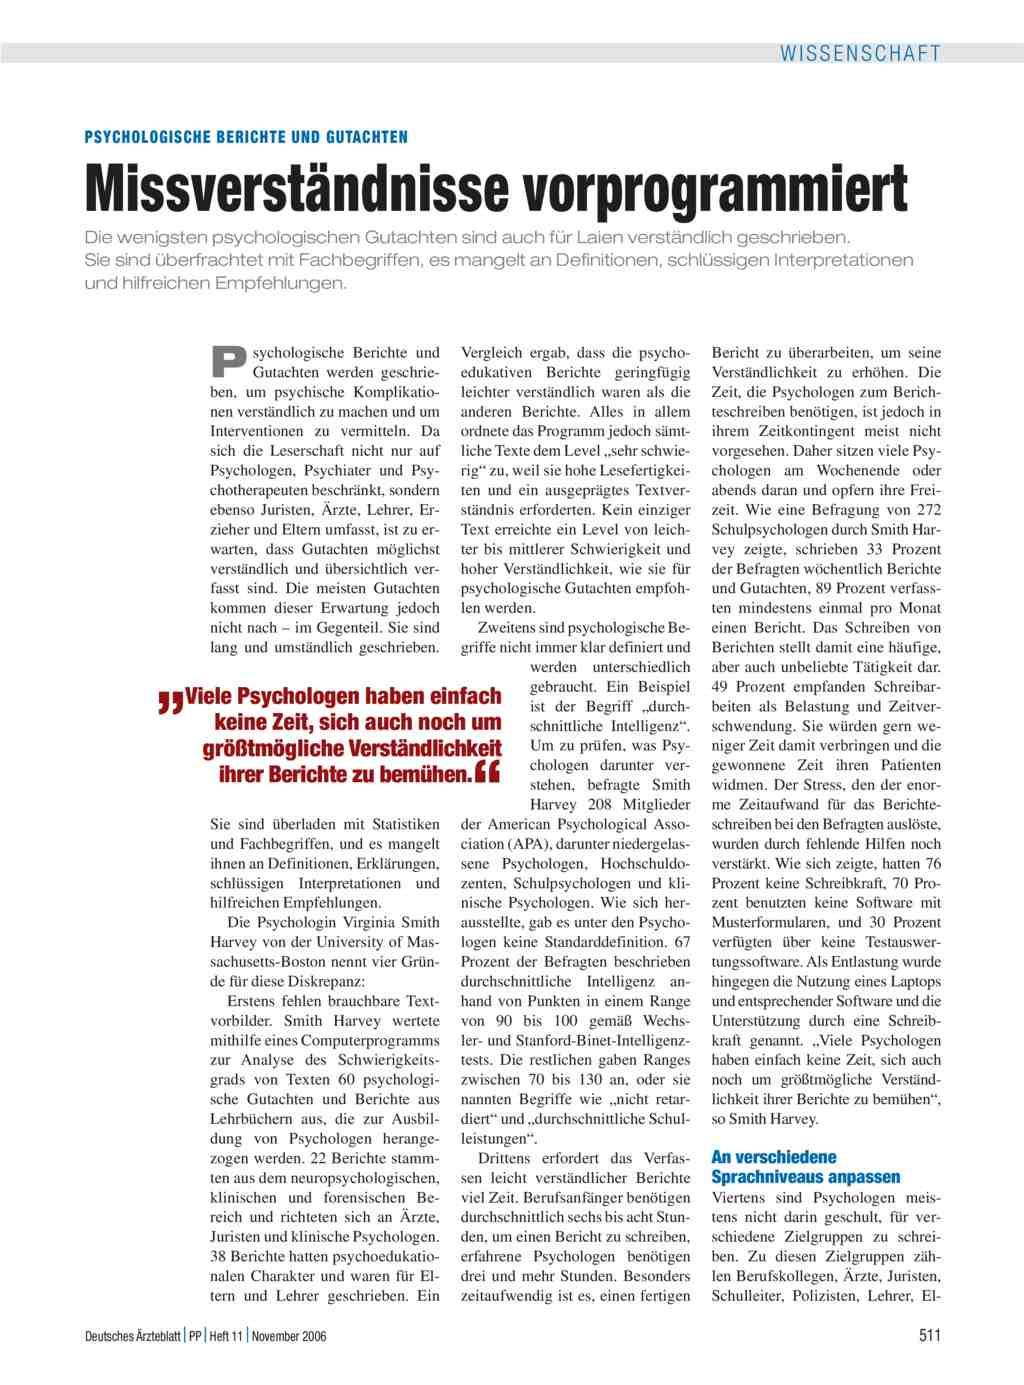 Psychologische Berichte und Gutachten: Missverständnisse vorprogrammiert